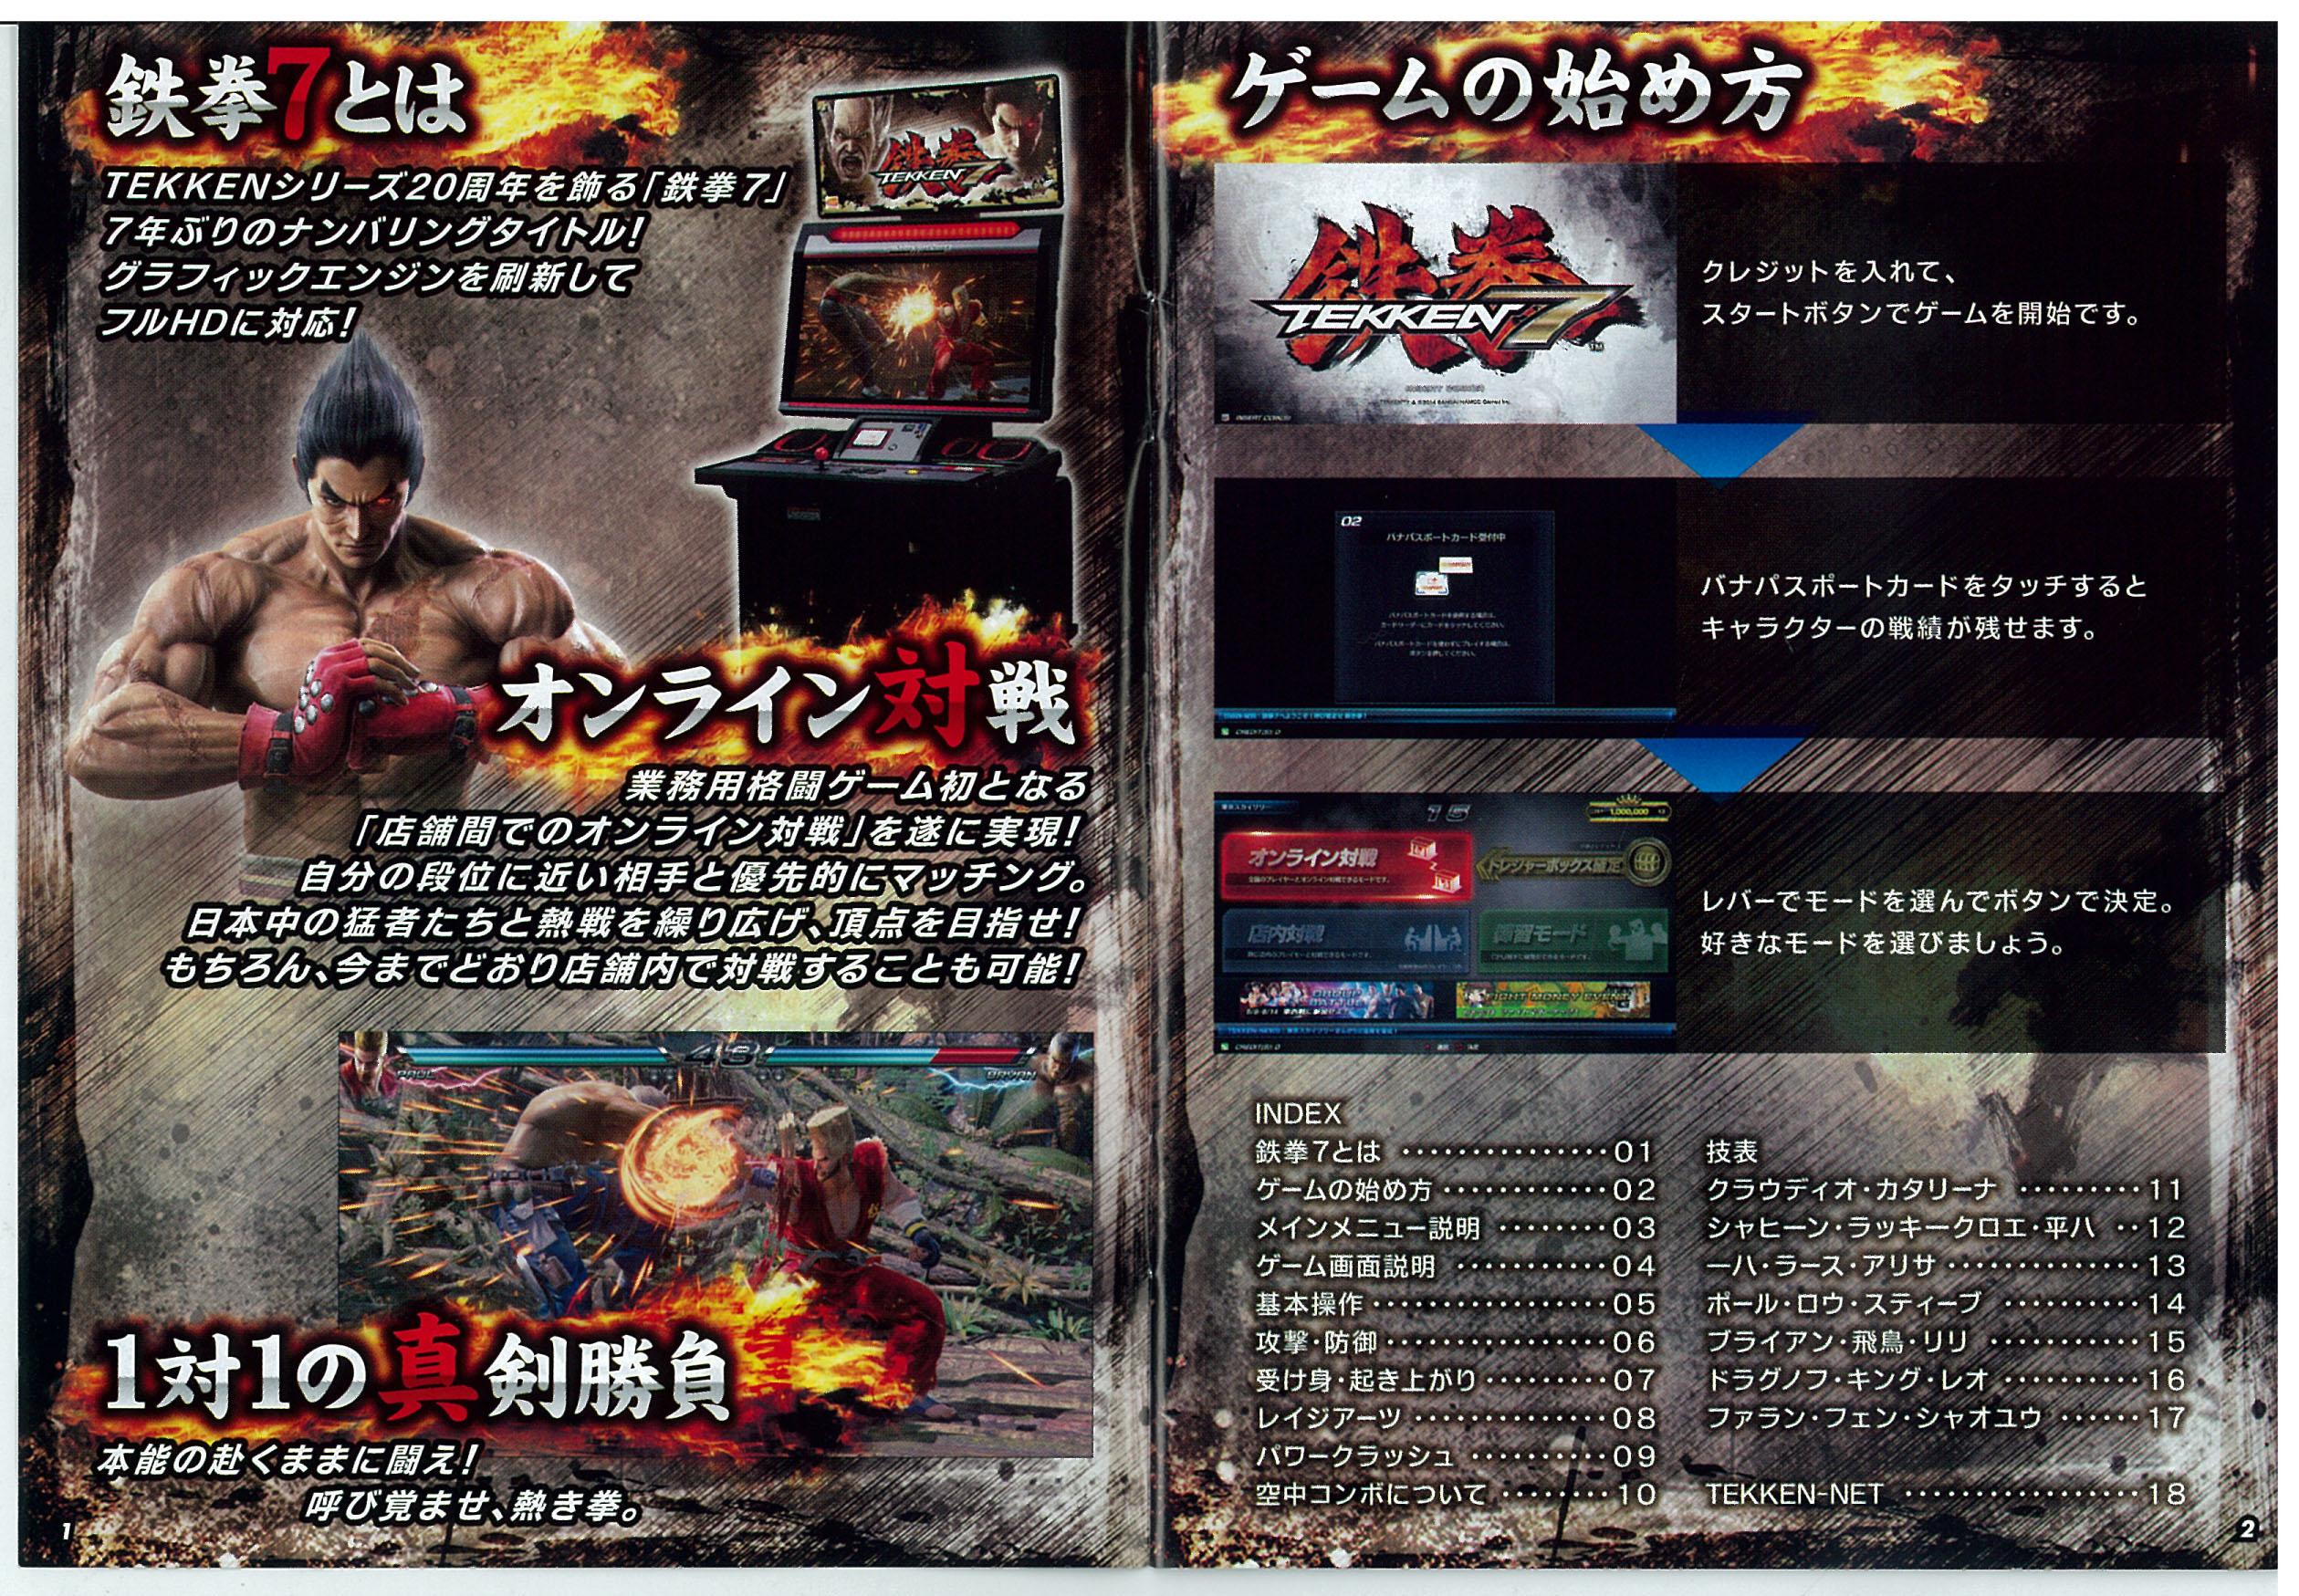 Guia de Tekken 7 no Japão traz conteúdo para iniciantes [galeria]